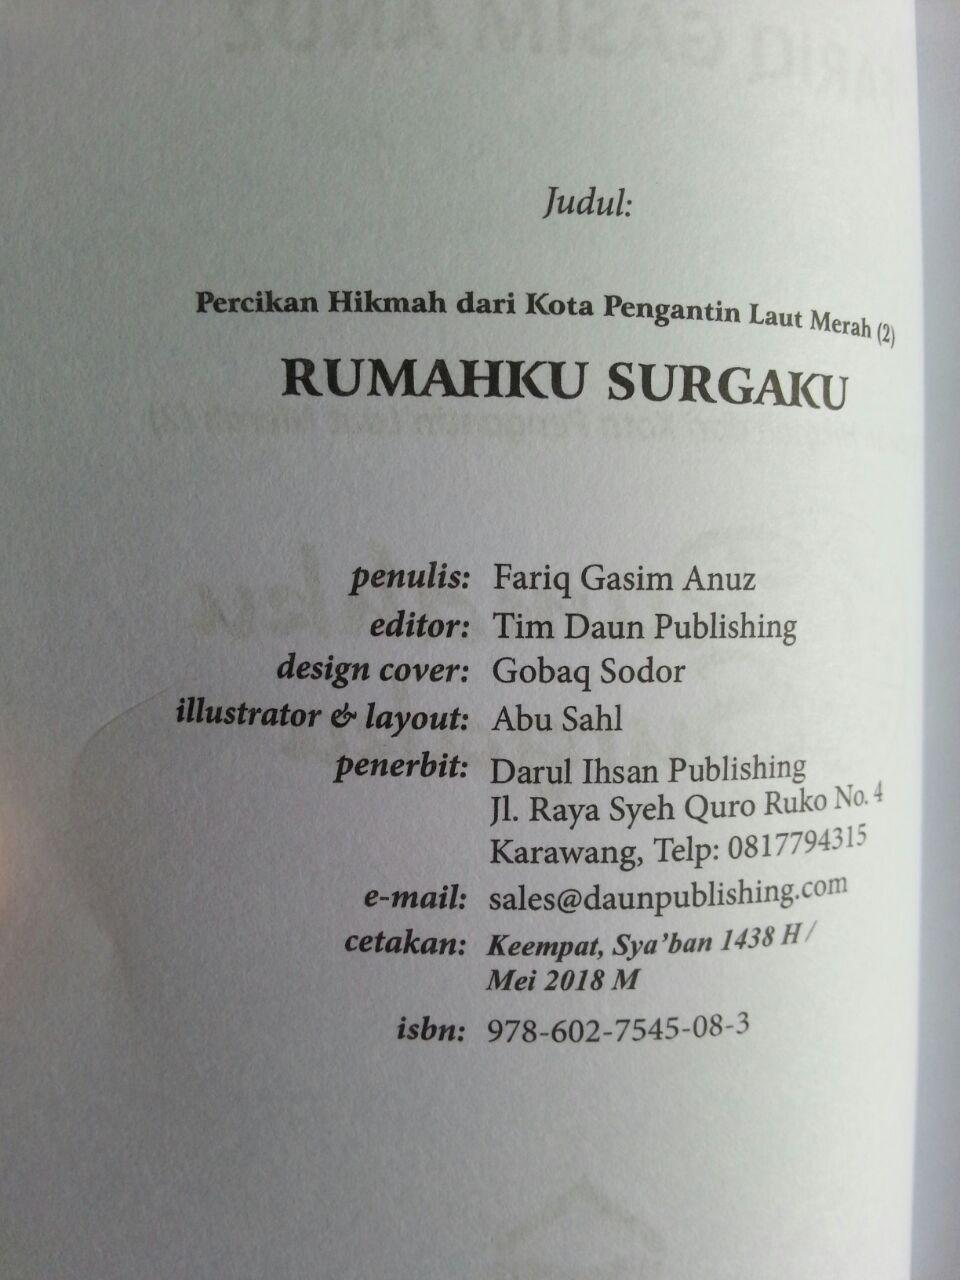 Buku Saku Rumahku Surgaku isi